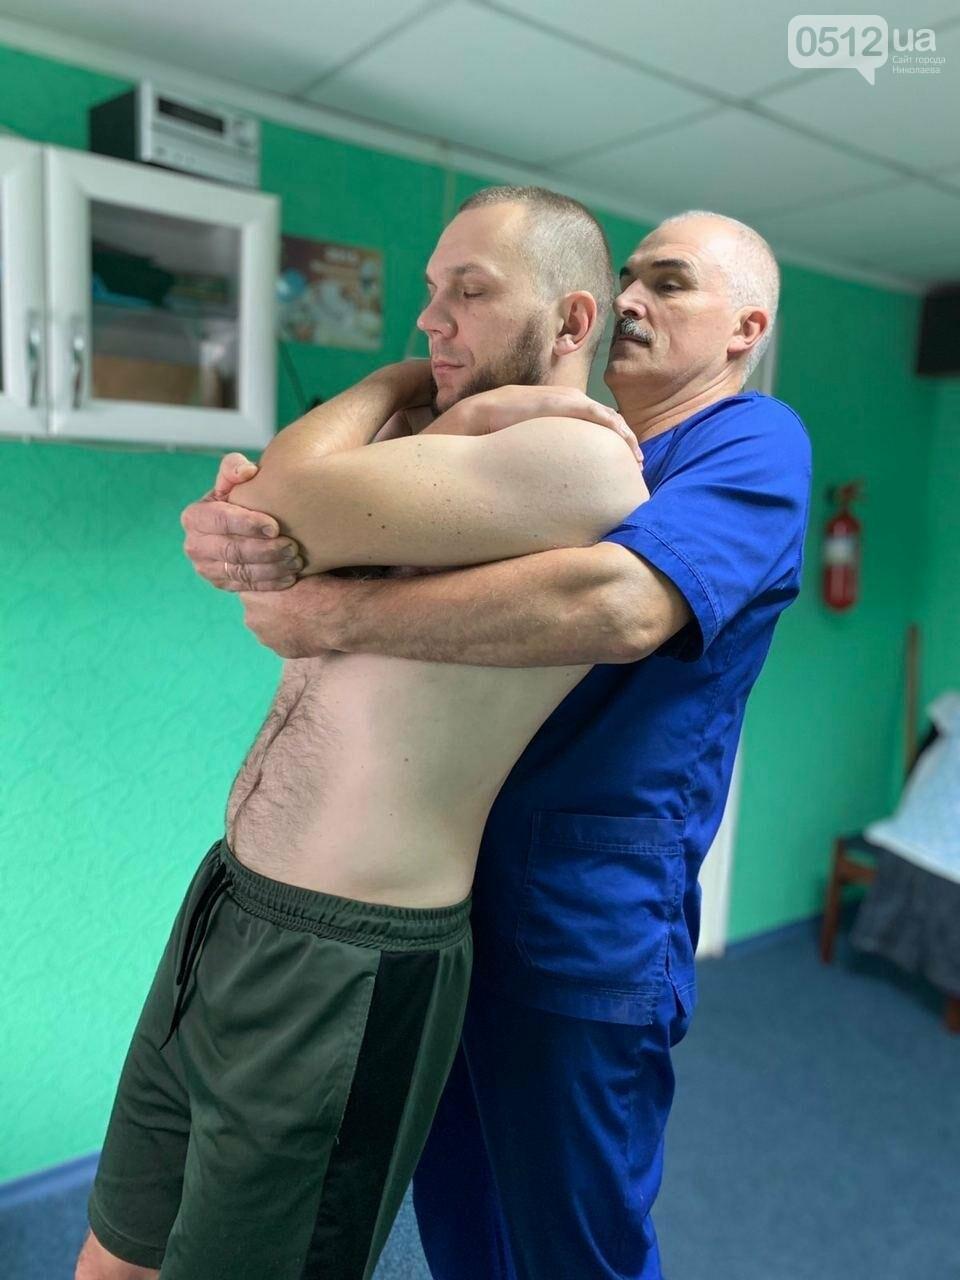 Забудьте о болях в спине: качественные услуги мануального терапевта в Николаеве, фото-5